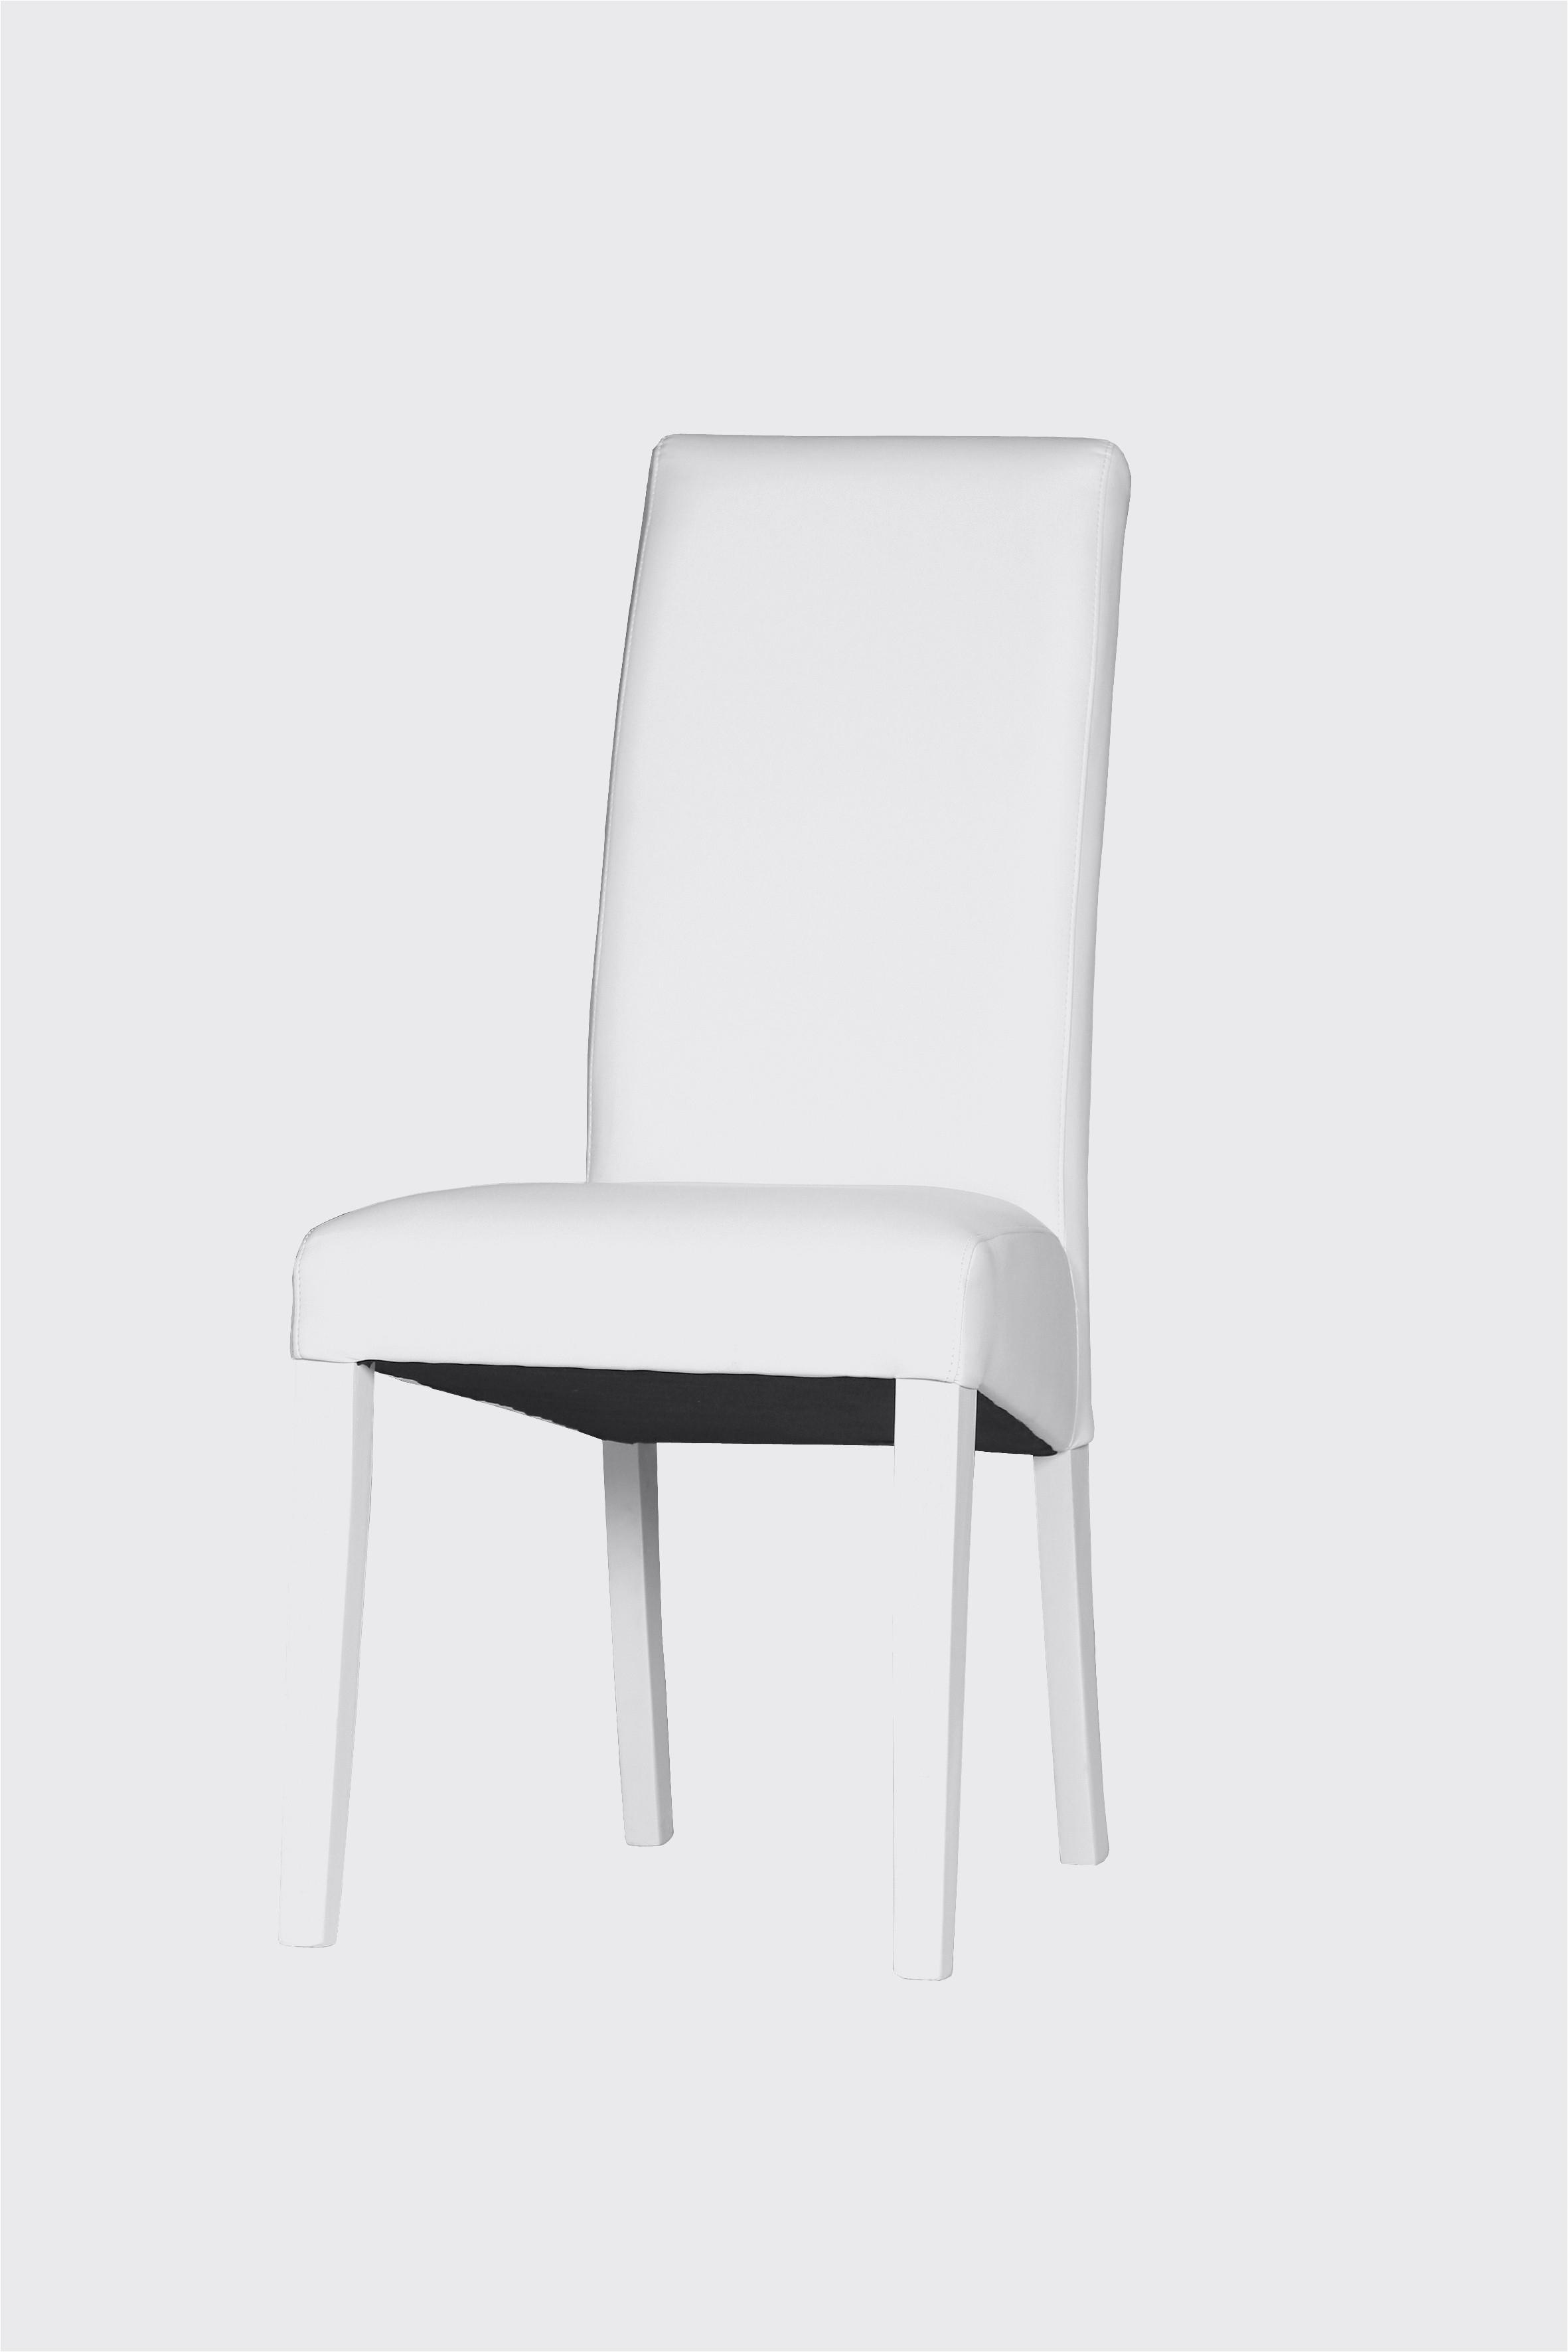 Fauteuil Steiner Occasion Beau Stock Chaise De Bureau Blanc Pour Aimable solde Fauteuil De Bureau Frais